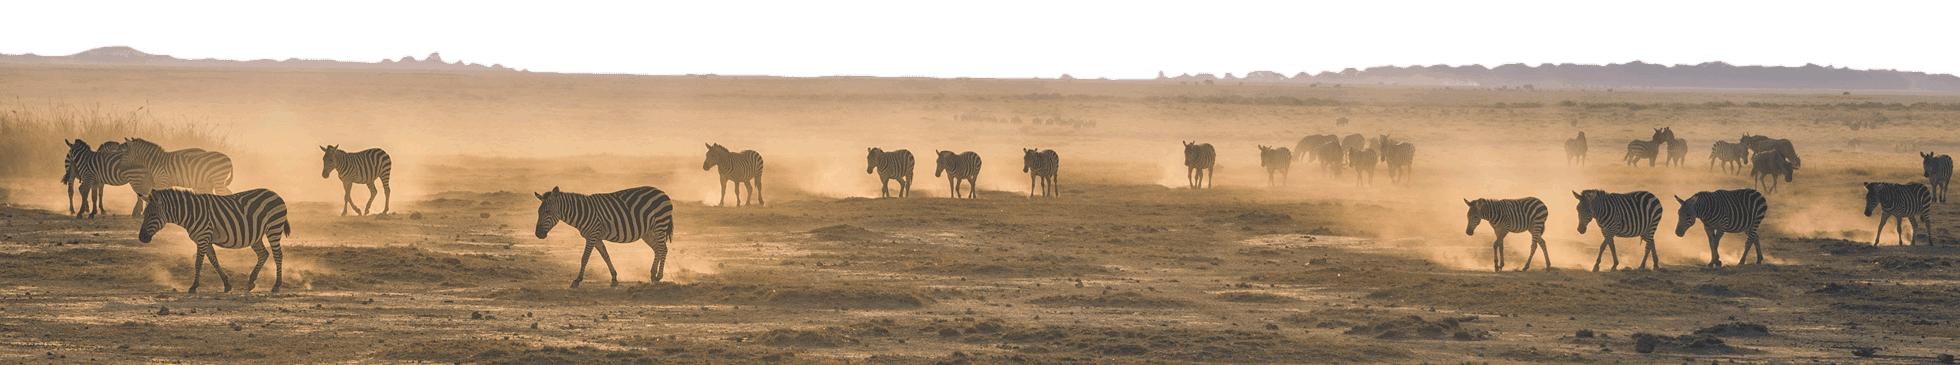 Ouganda paysages